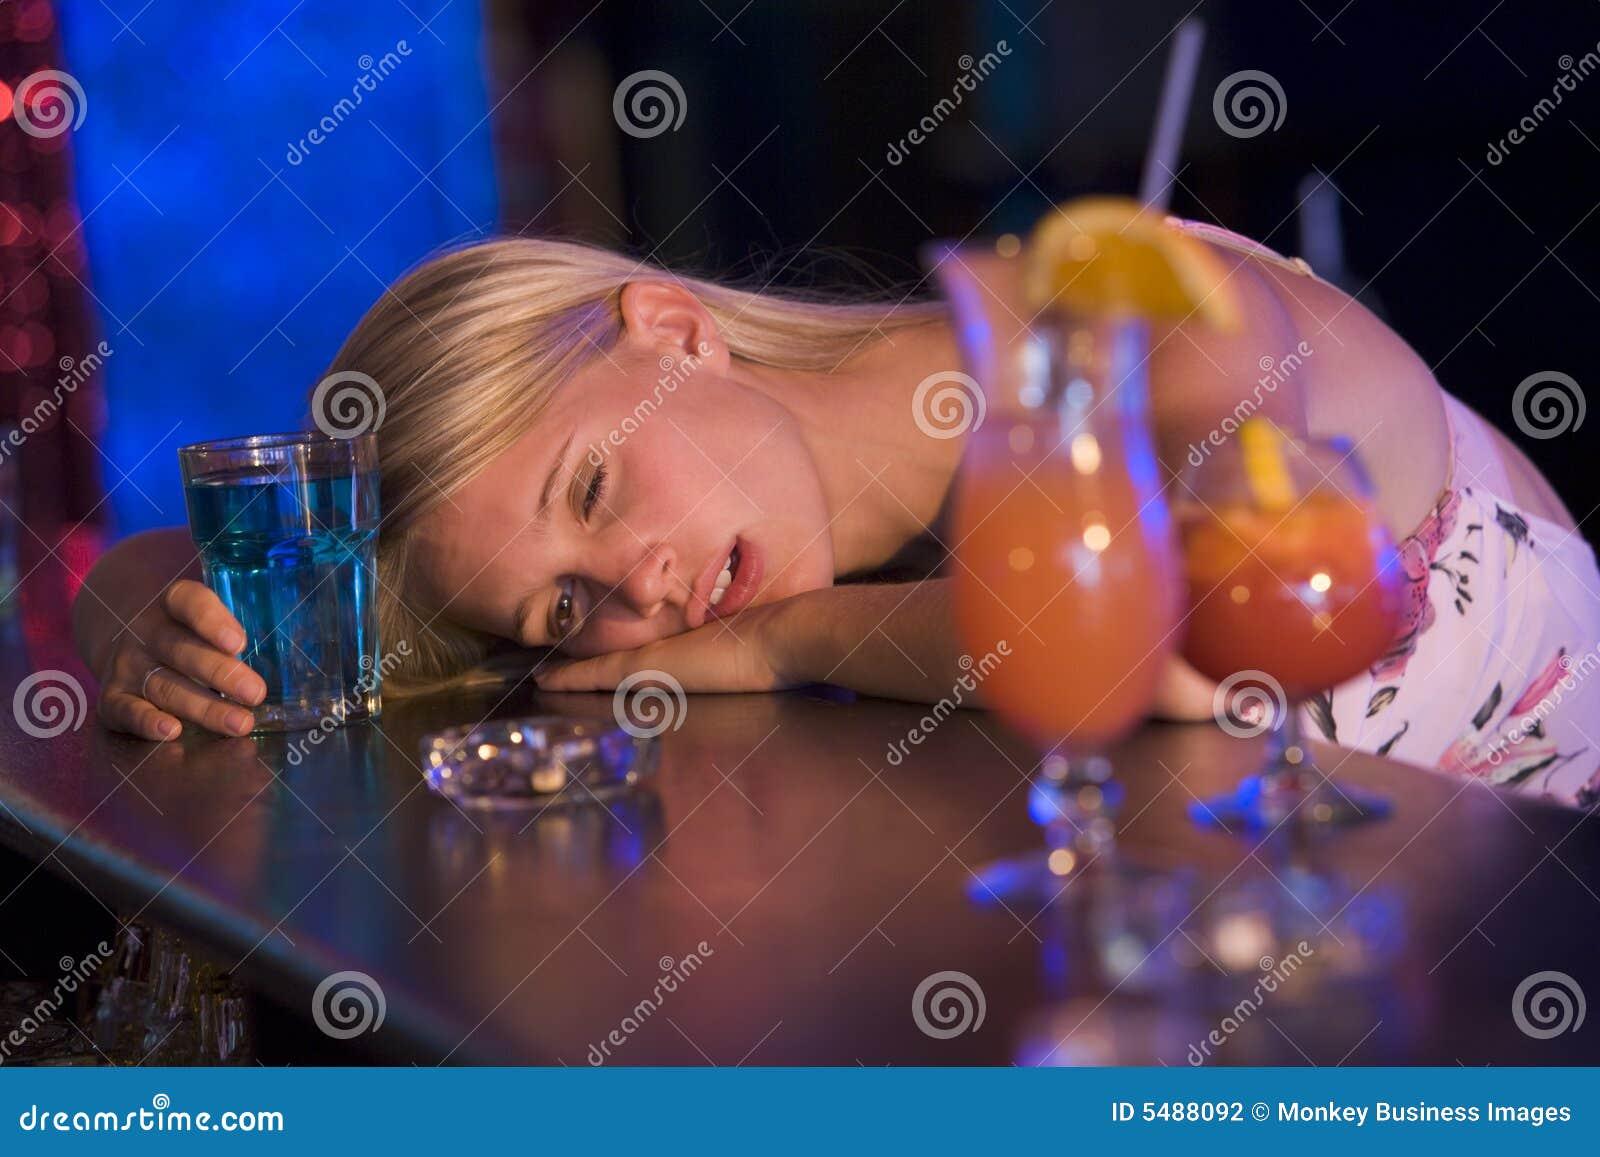 Пьяная тётя онлайн, Пьяные Порно, смотреть видео ебли с Пьяными Бабами 27 фотография